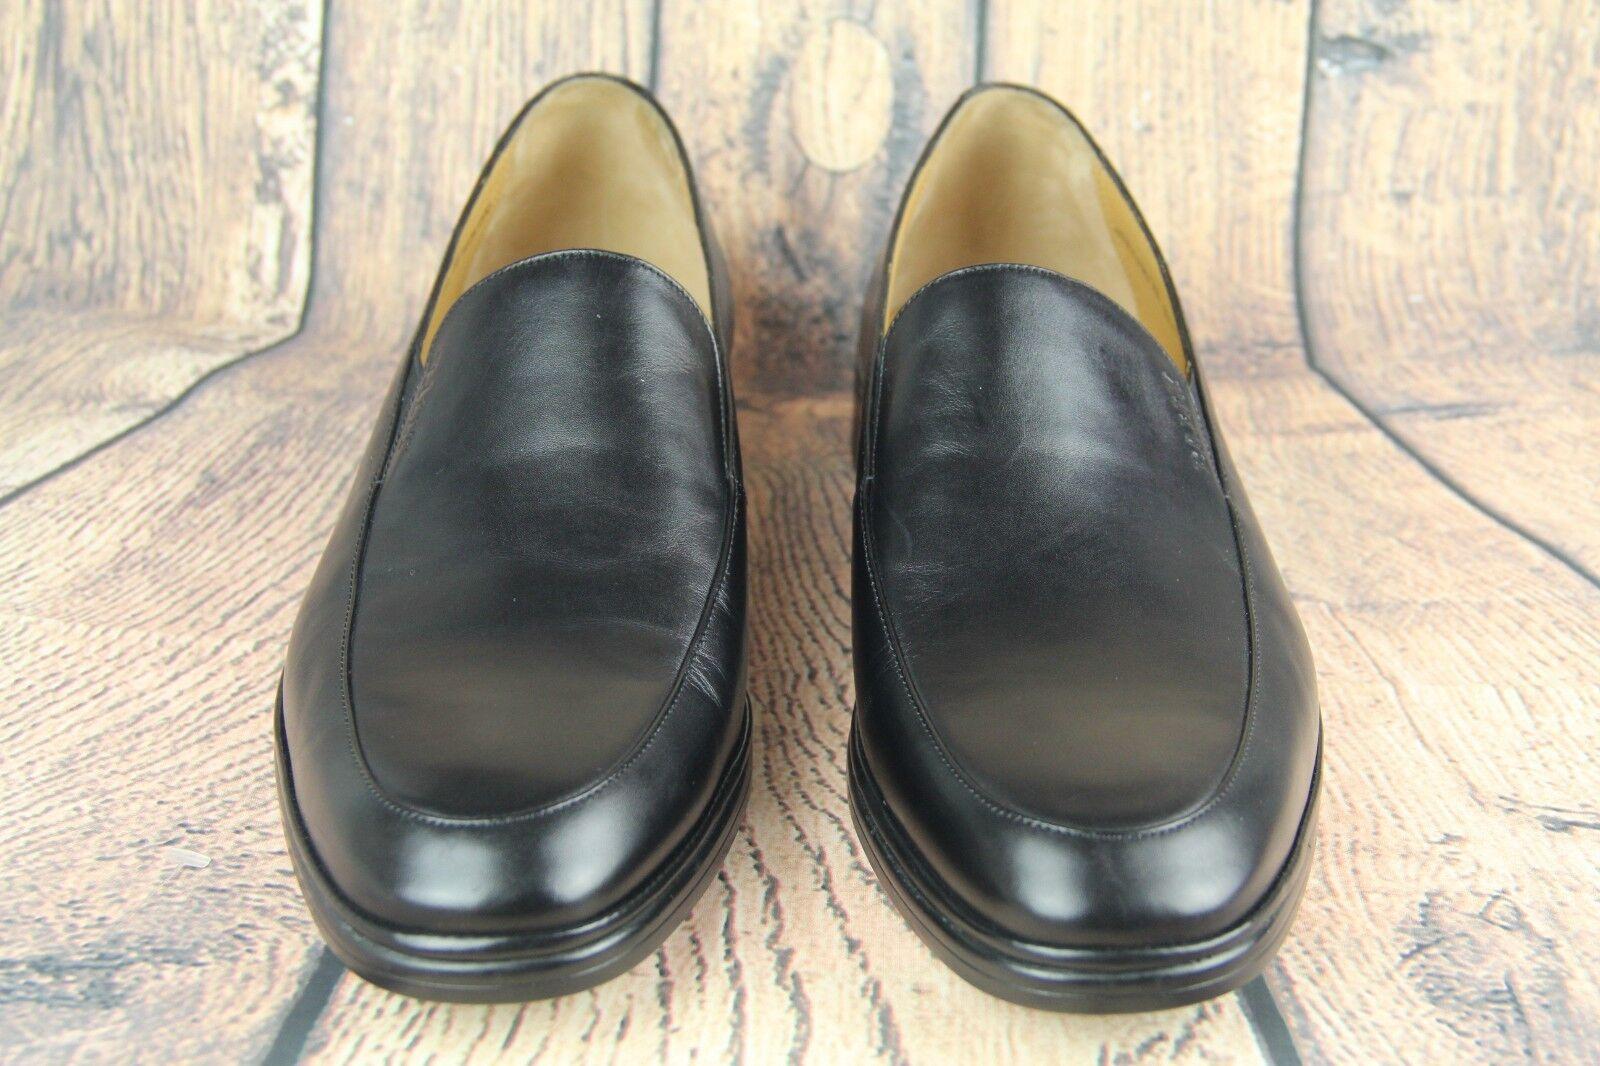 Prezzo al piano BALLY BALLY BALLY Uomo nero Leather SION Loafer EU 10 1 1E  US 11 1 2D NEW  negozio online